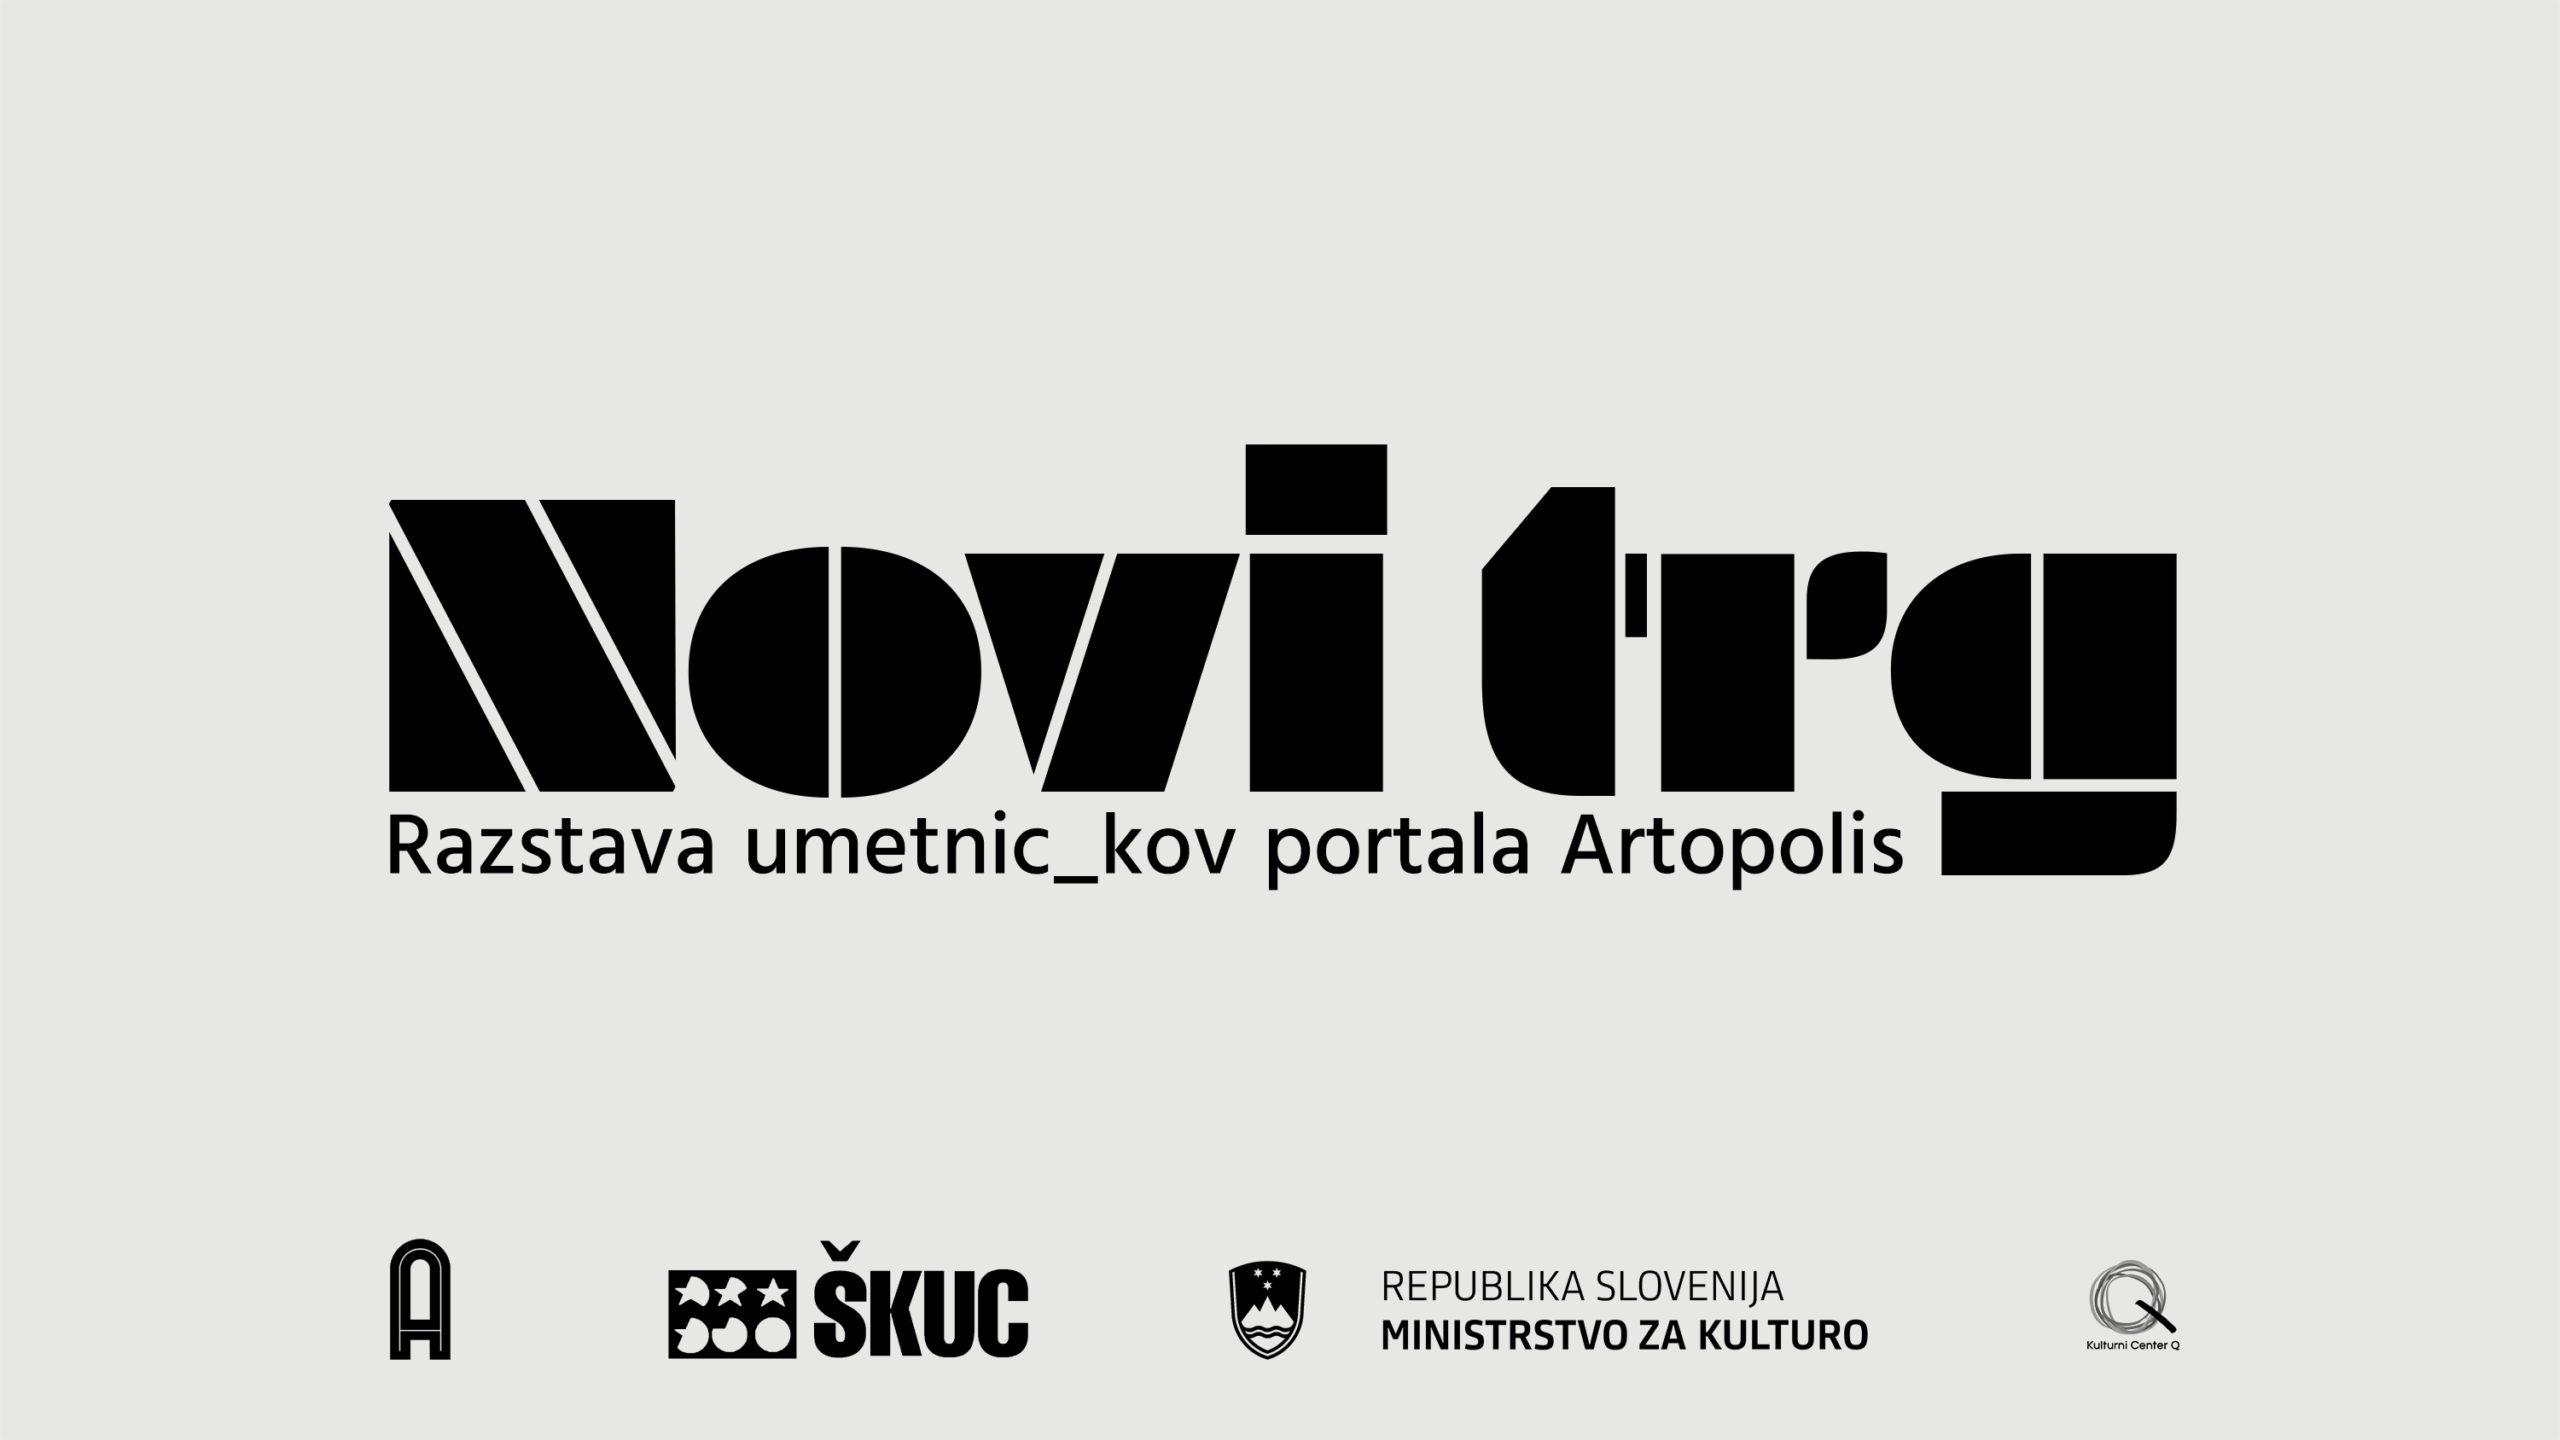 Artopolis: Novi trg